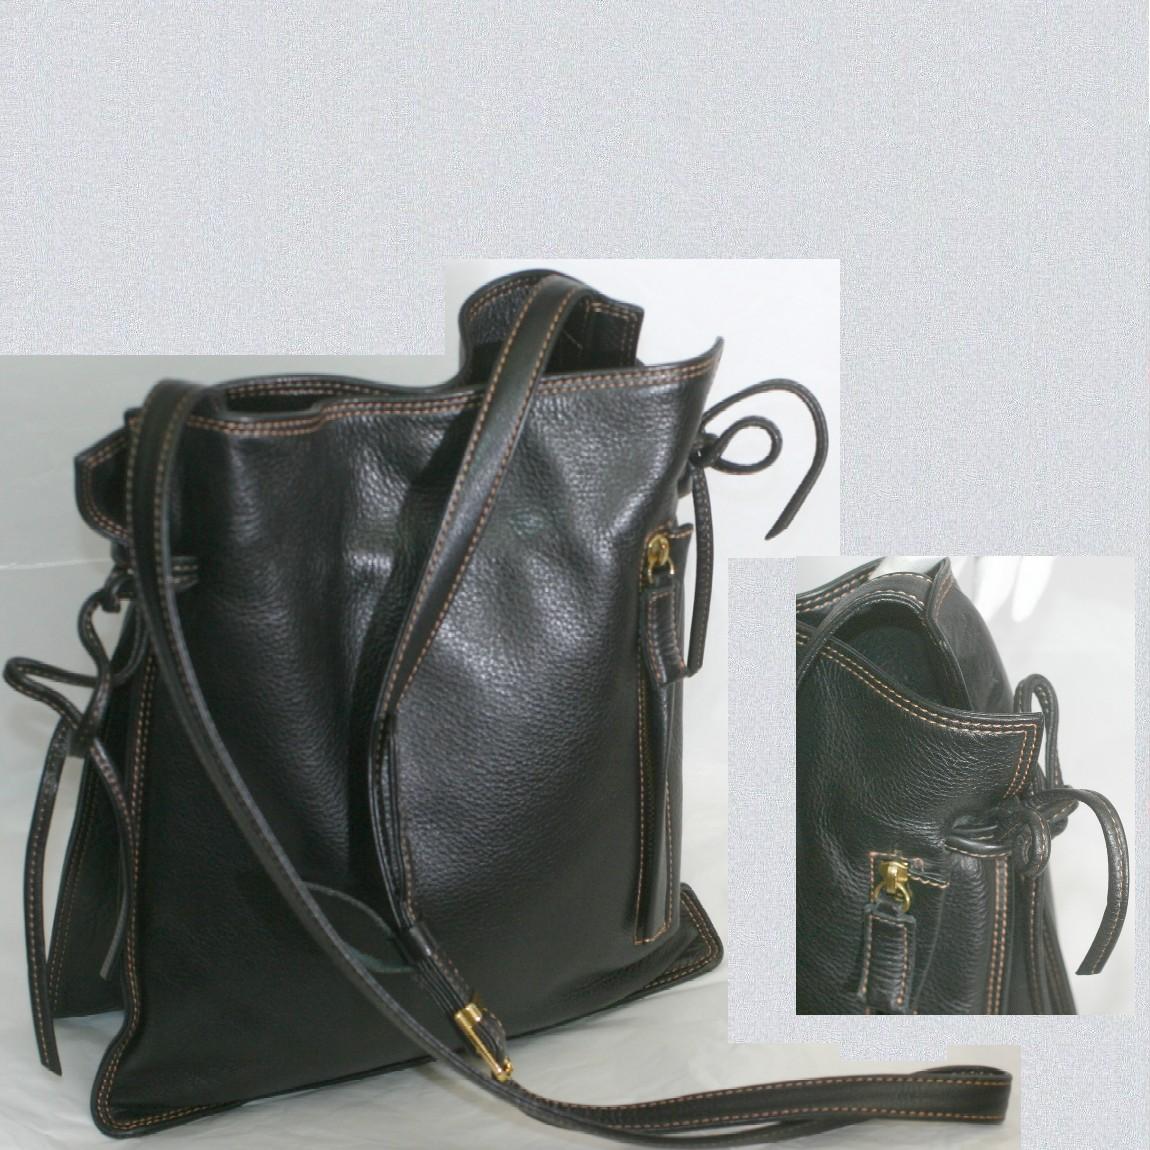 【中古】本物ほぼ新品キタムラ女性用斜め掛け可能な黒い柔らかい革素材縦長ショルダーバッグ